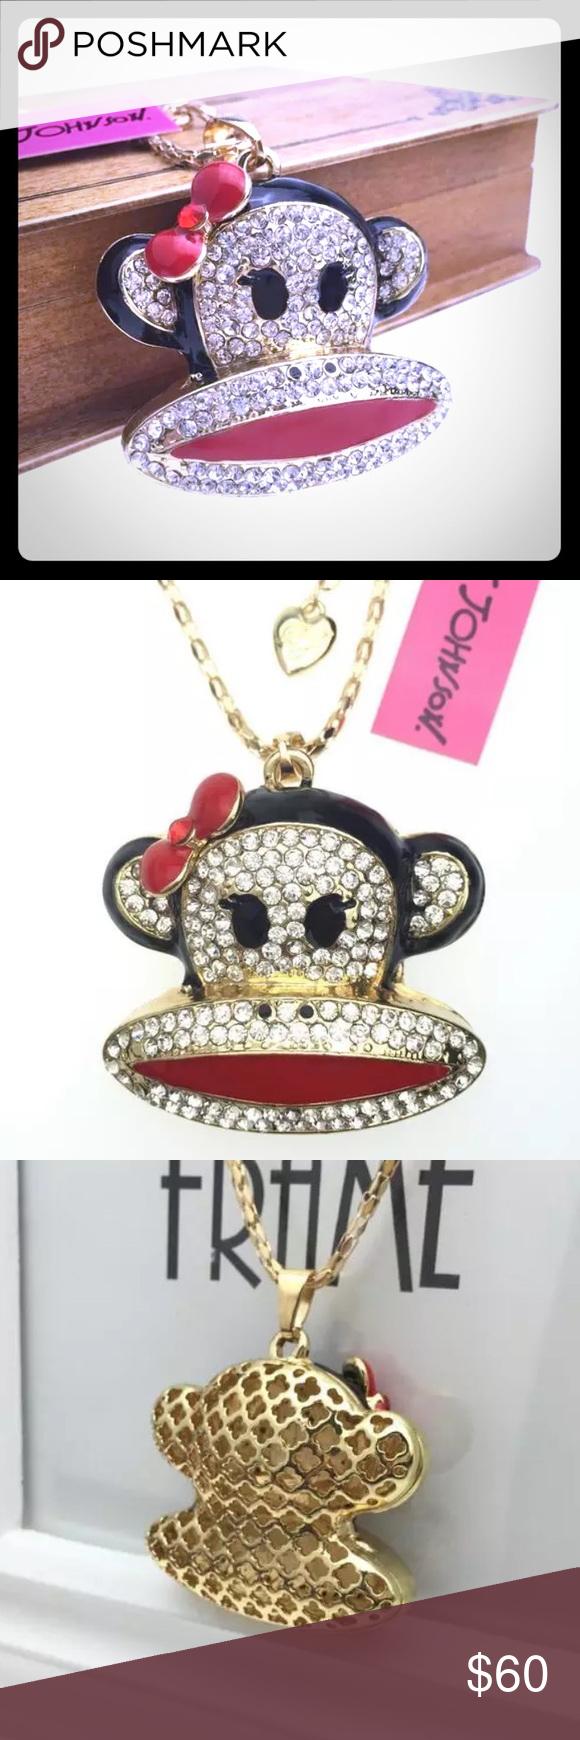 Spotted while shopping on Poshmark: 🙉Betsey Johnson Necklace🙉! #poshmark #fashion #shopping #style #Betsey Johnson #Jewelry